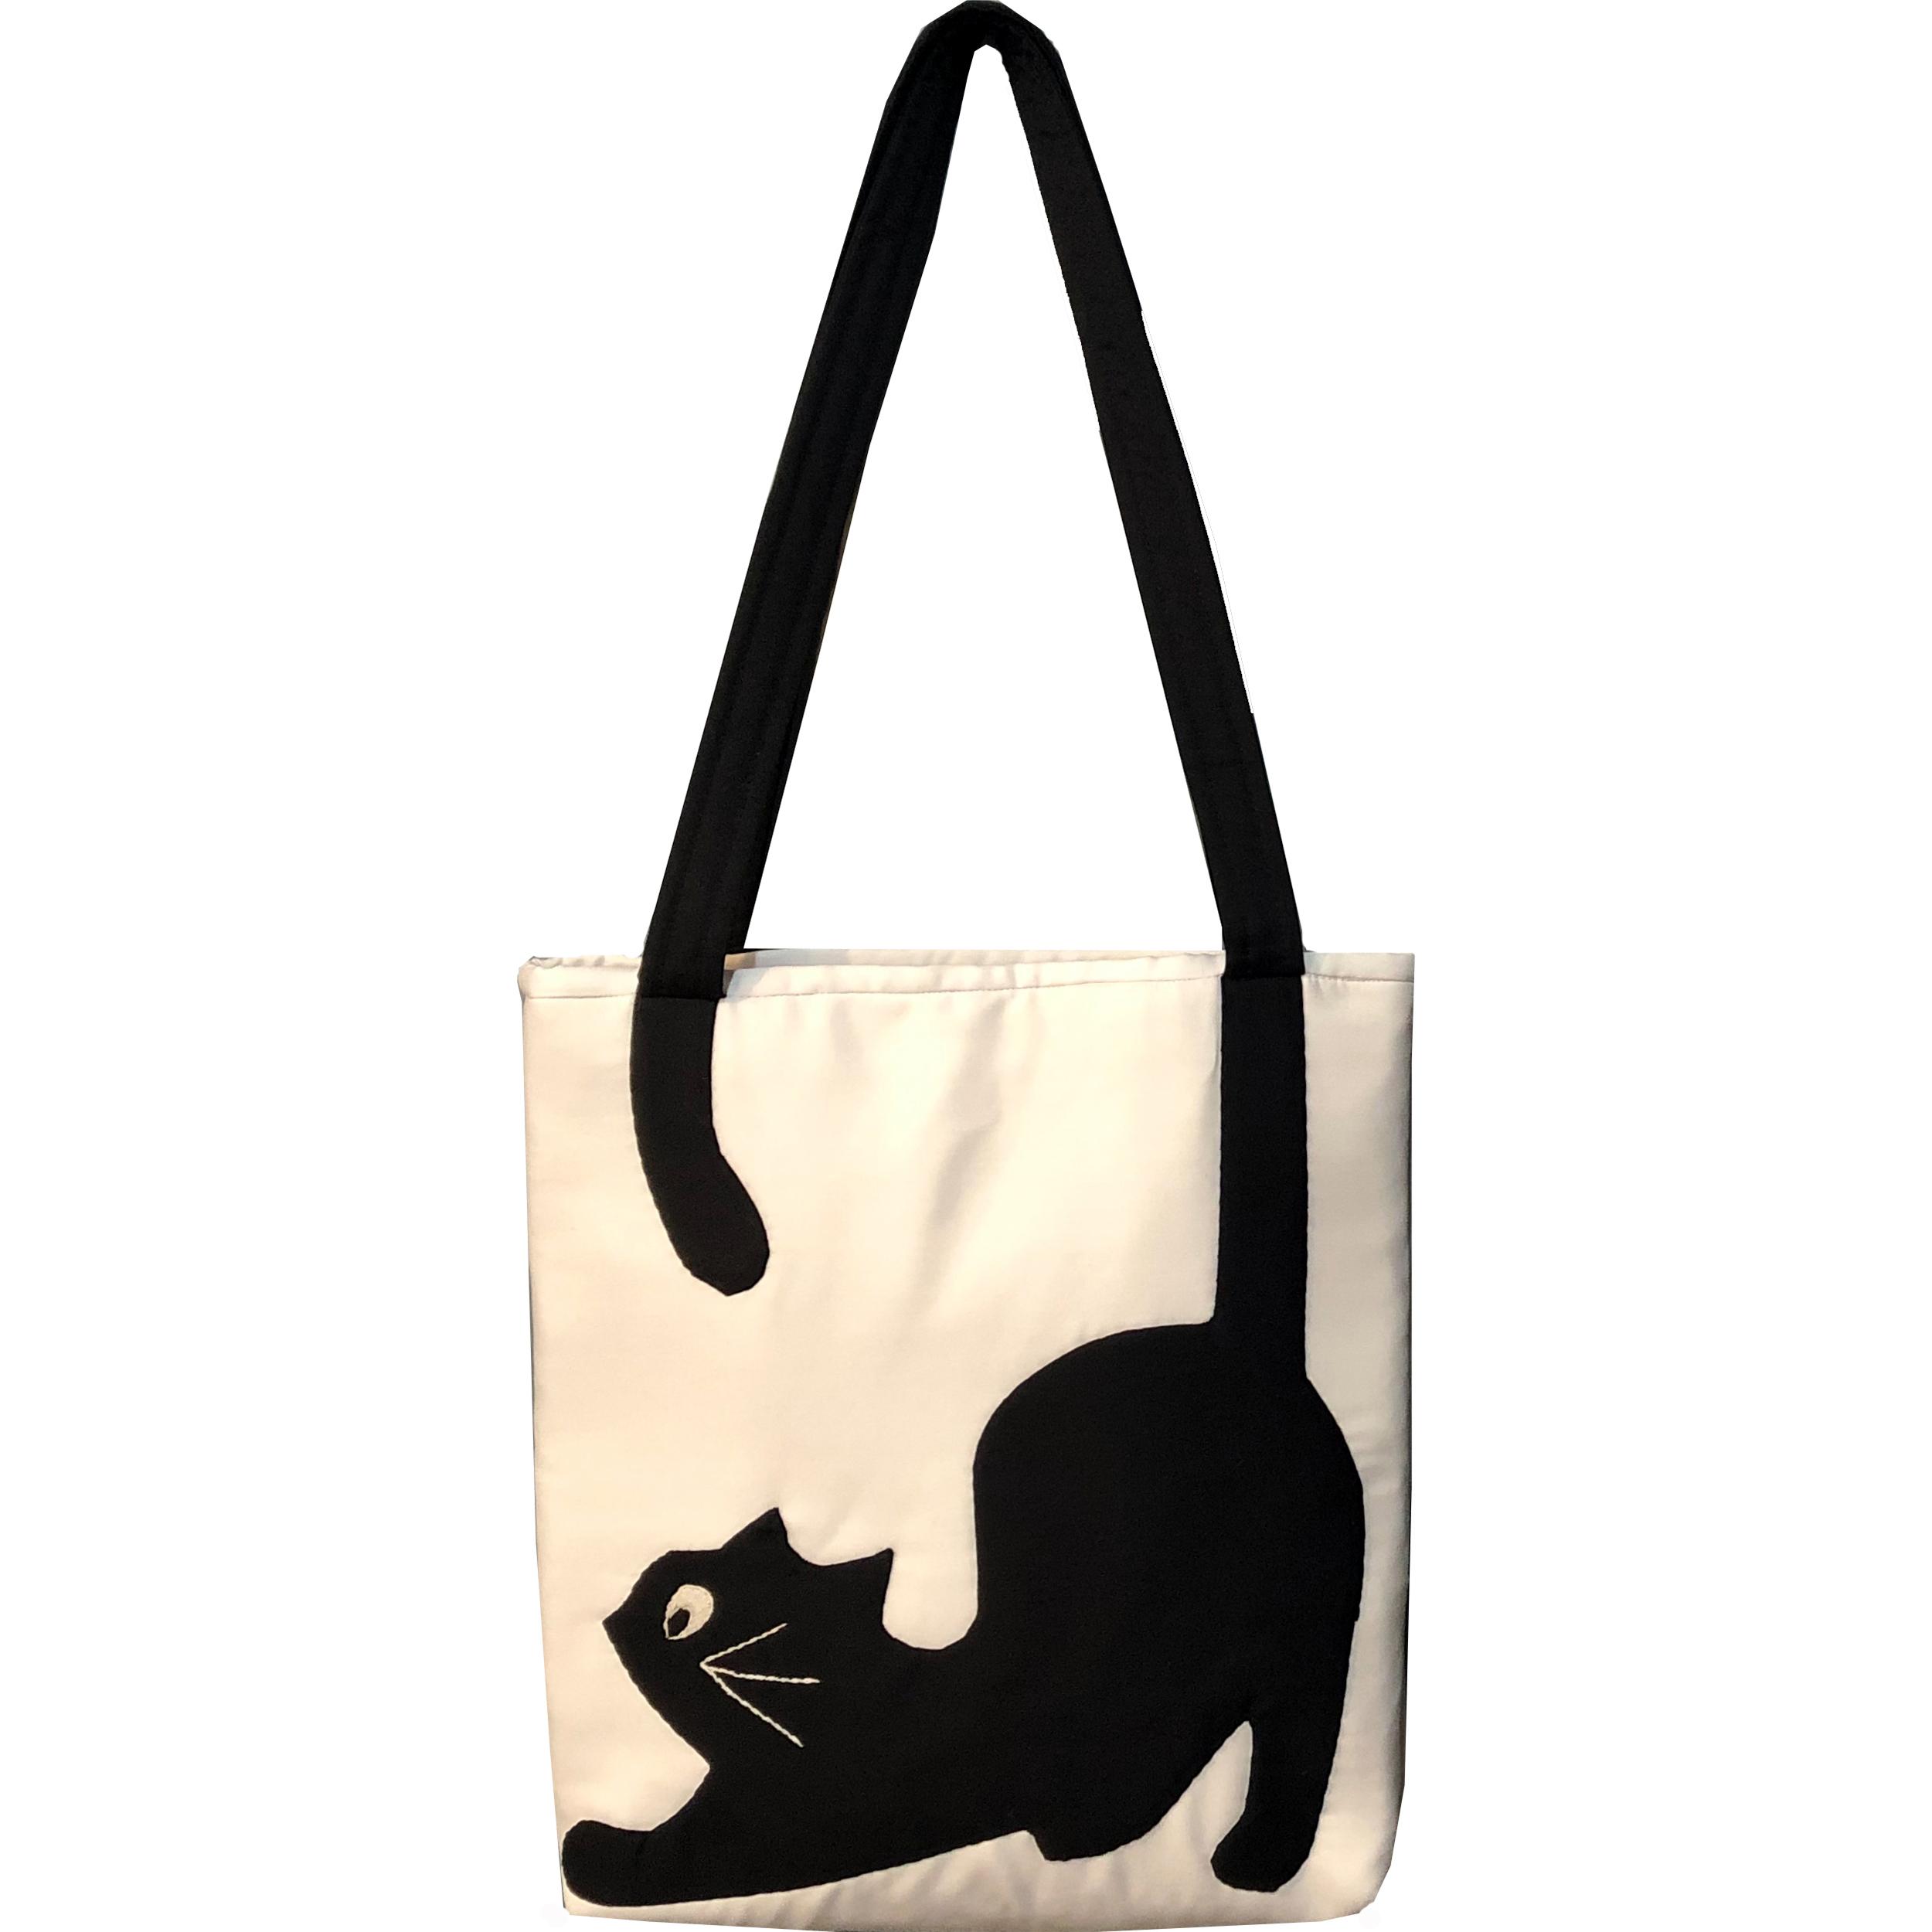 کیف رودوشی طرح گربه